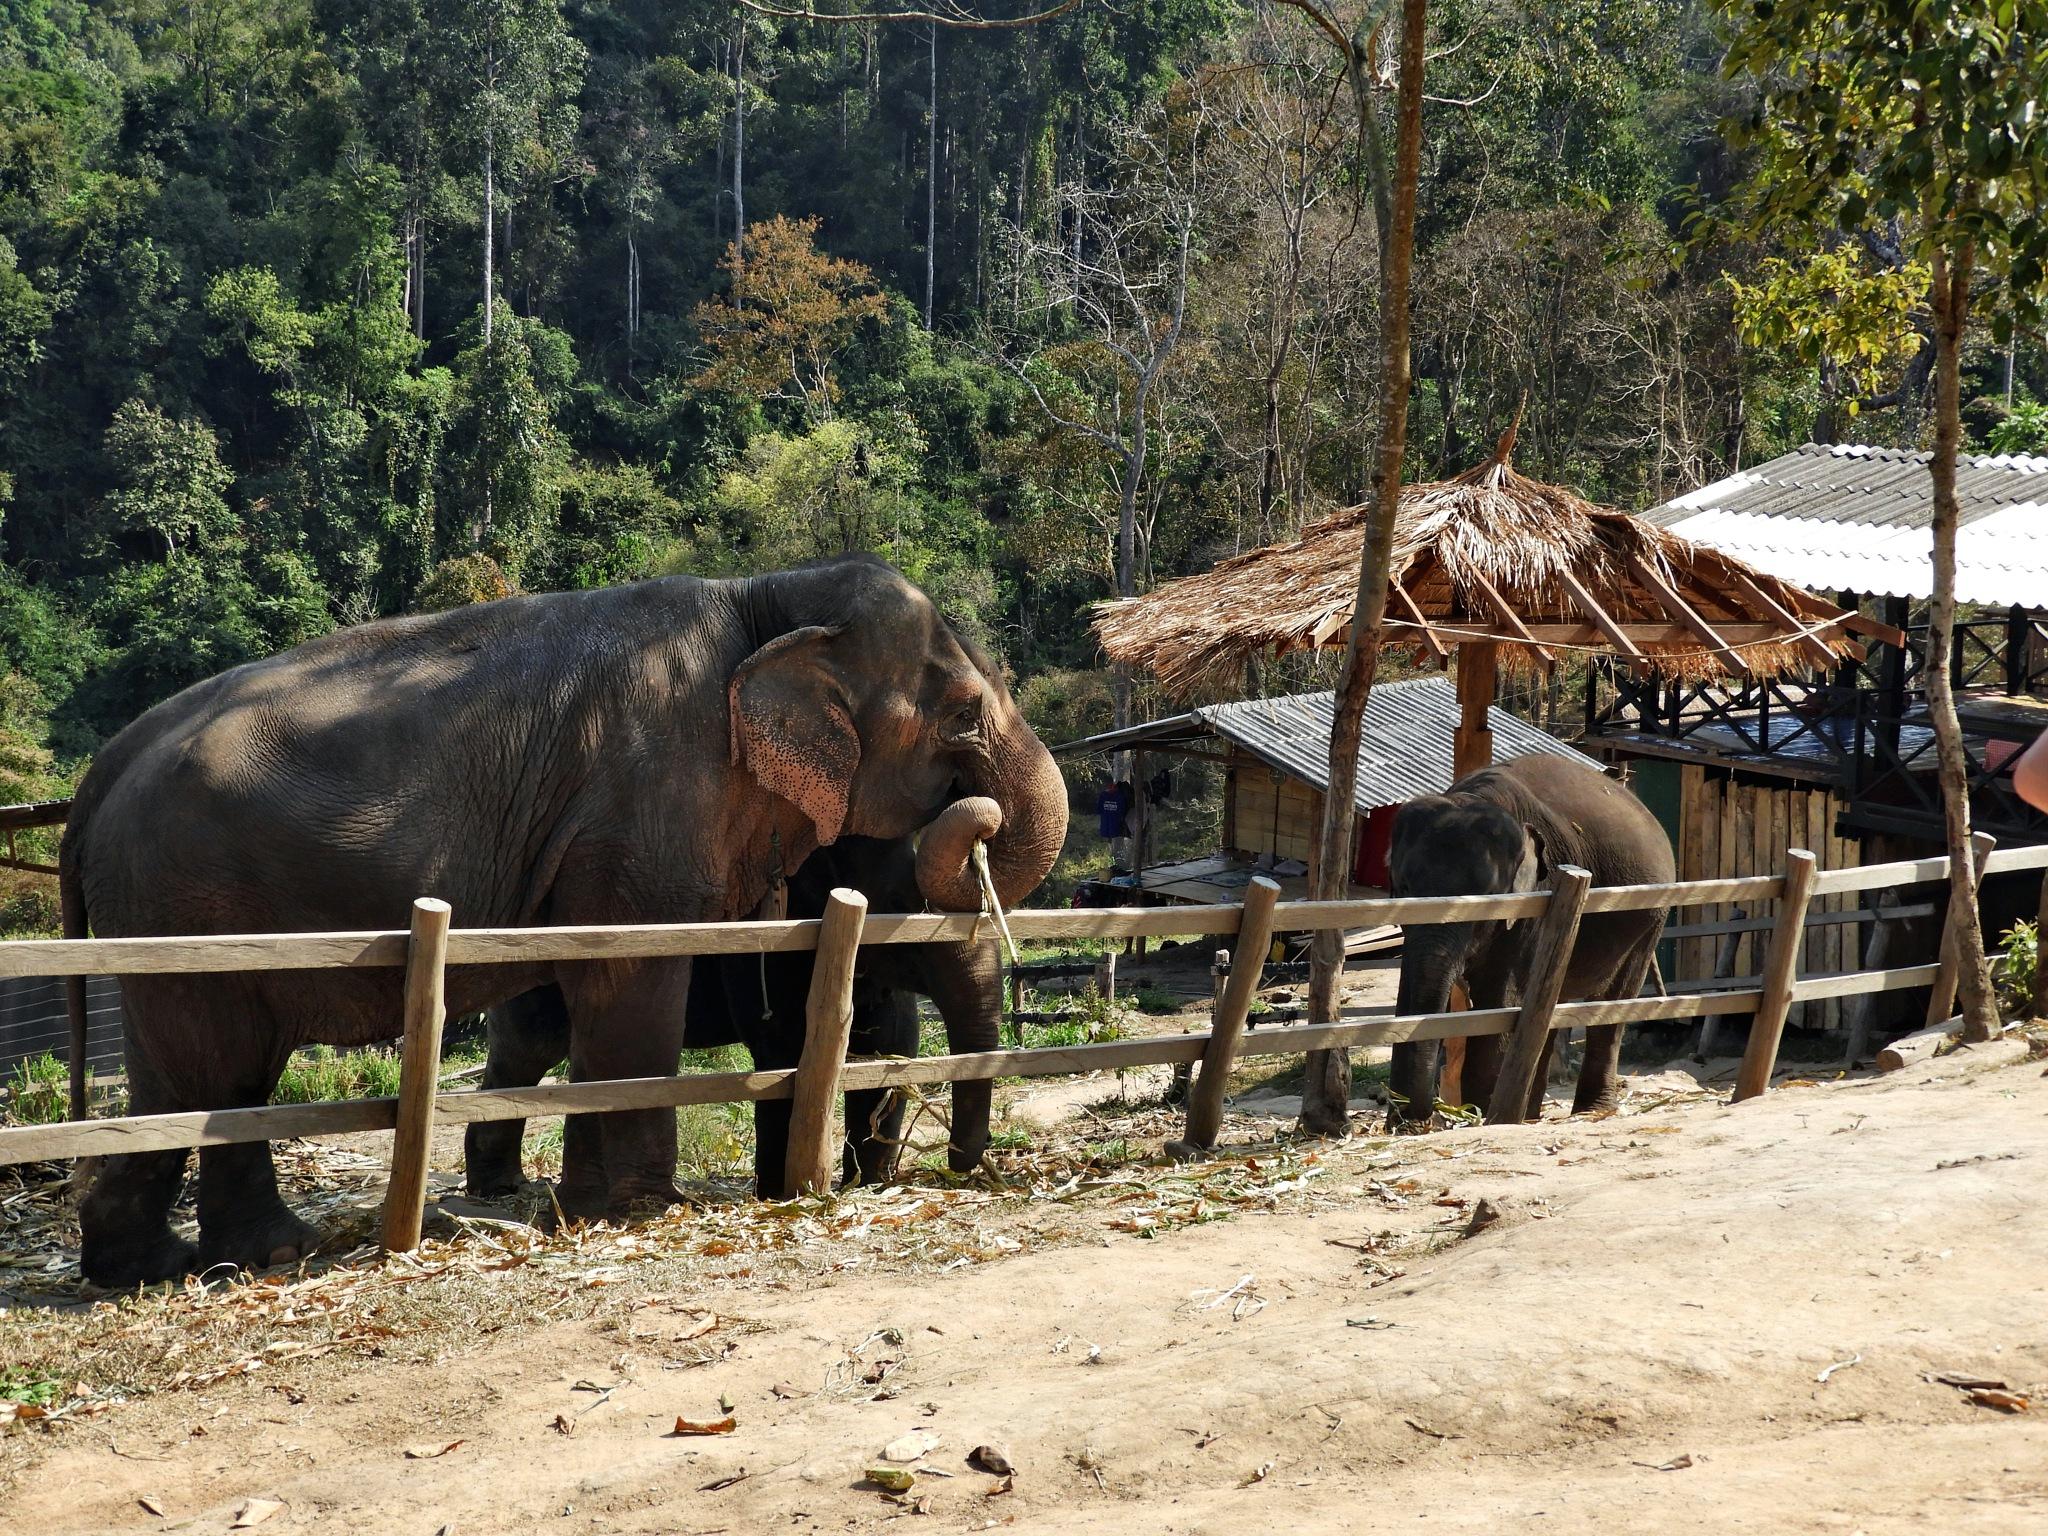 elephants by Henny van Broekhoven